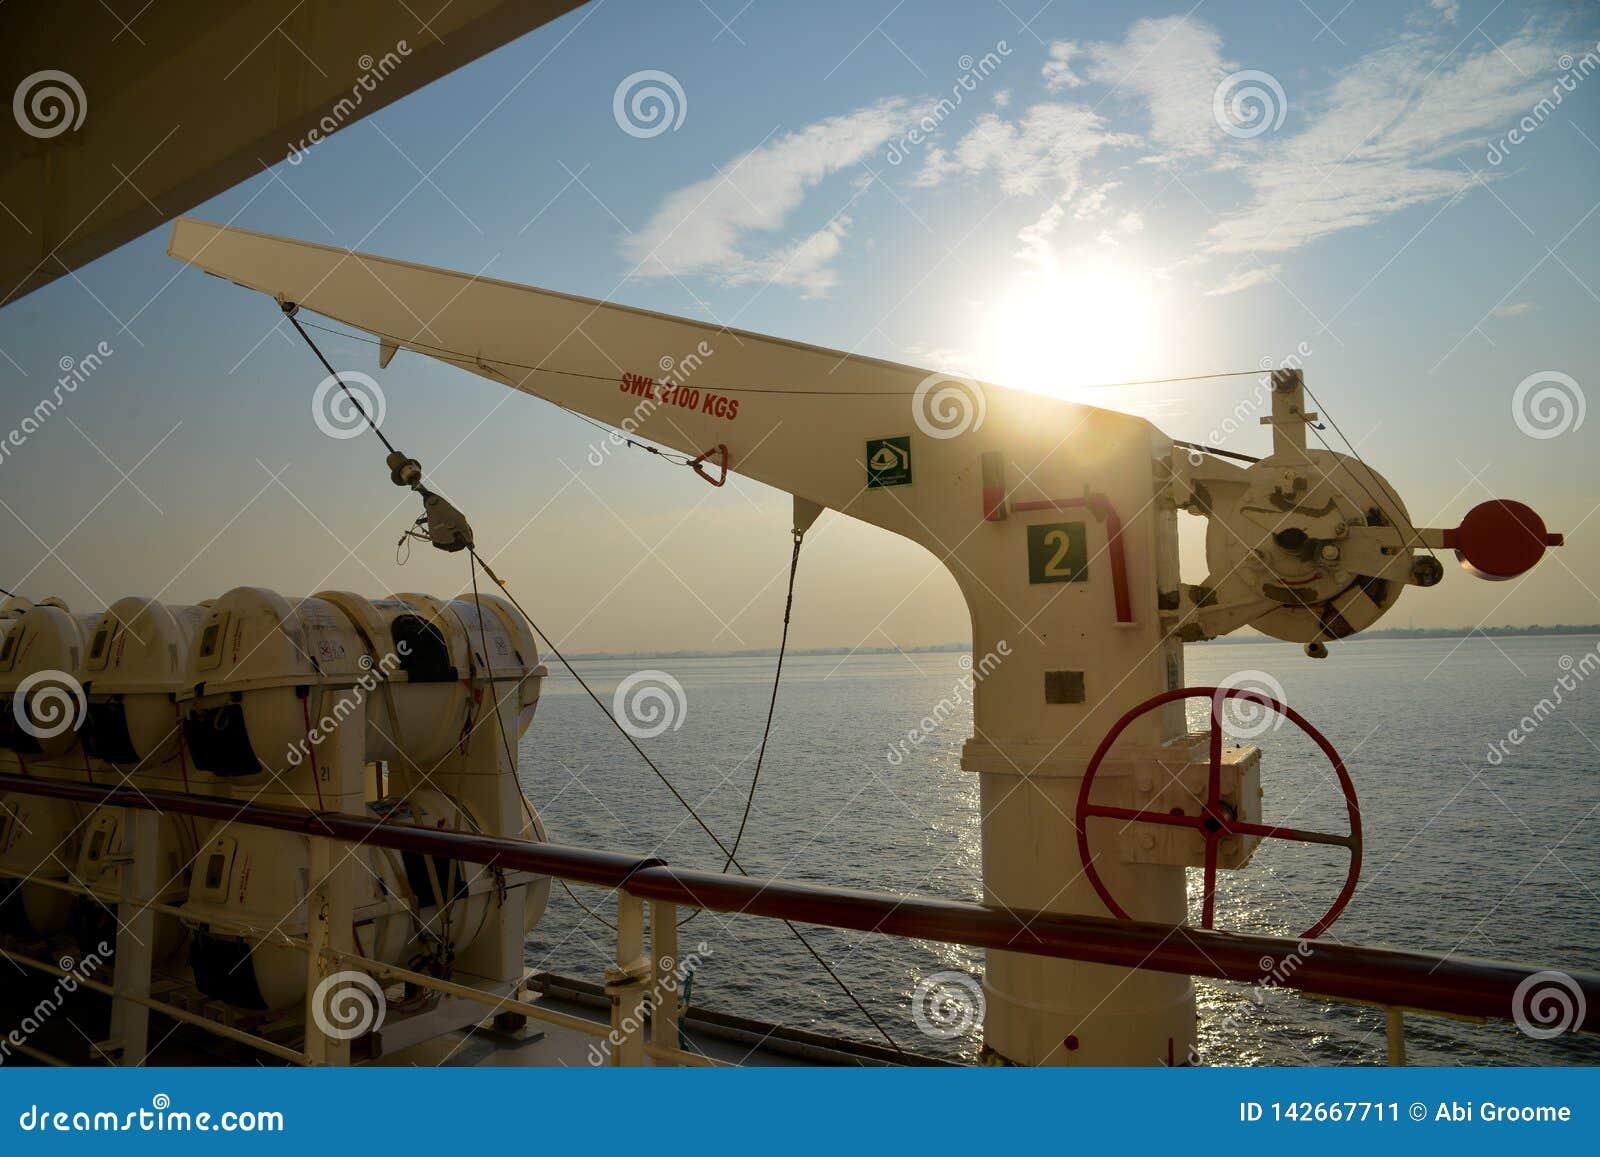 Οι βάρκες συστημάτων και ζωής επωτίδων σε ένα εμπορικό πλοίο